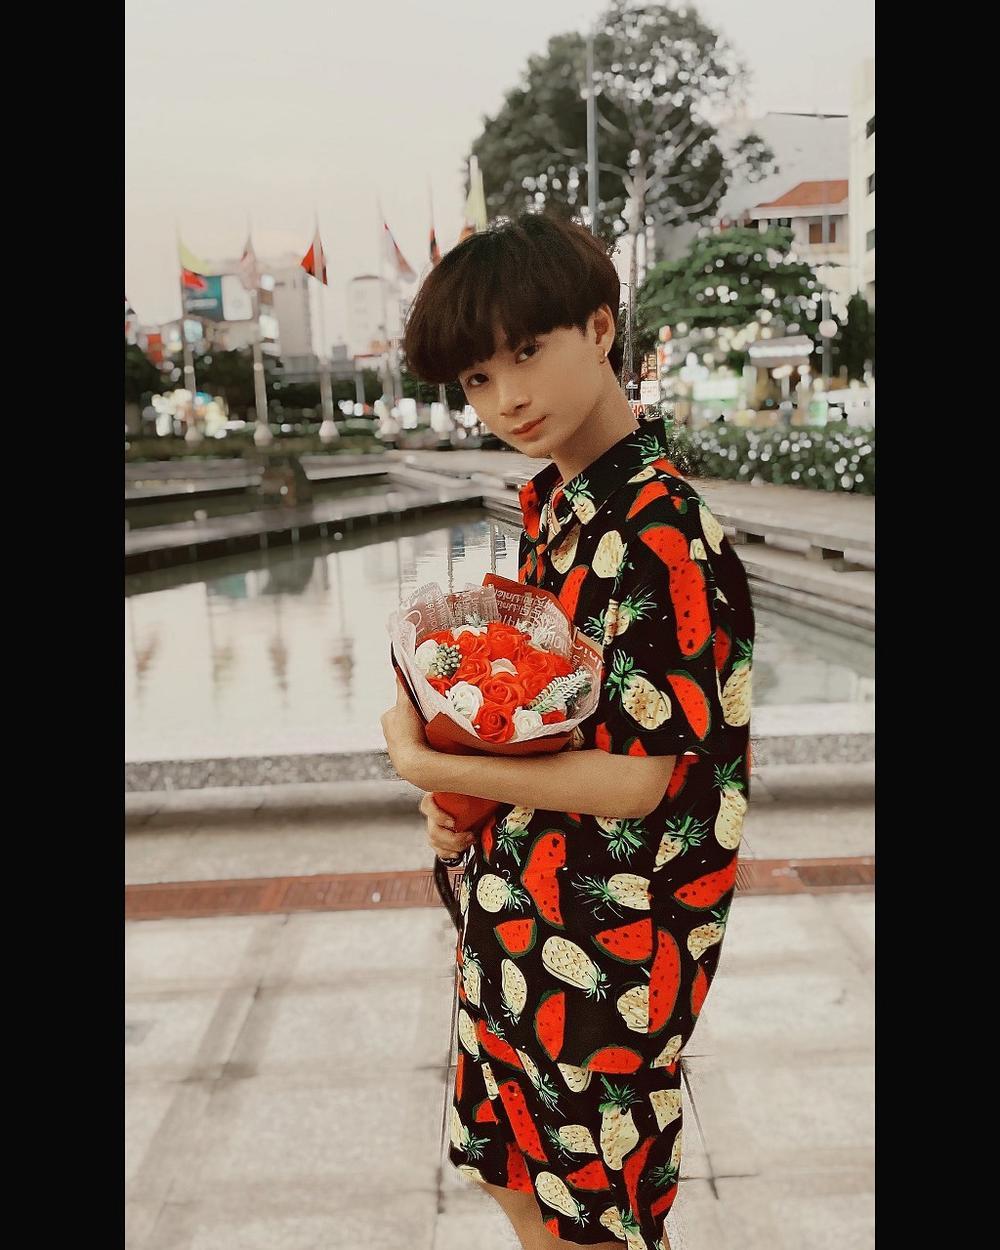 Con đường trở thành diễn viên chuyên nghiệp của chàng trai trẻ Bình Thuận Ảnh 2